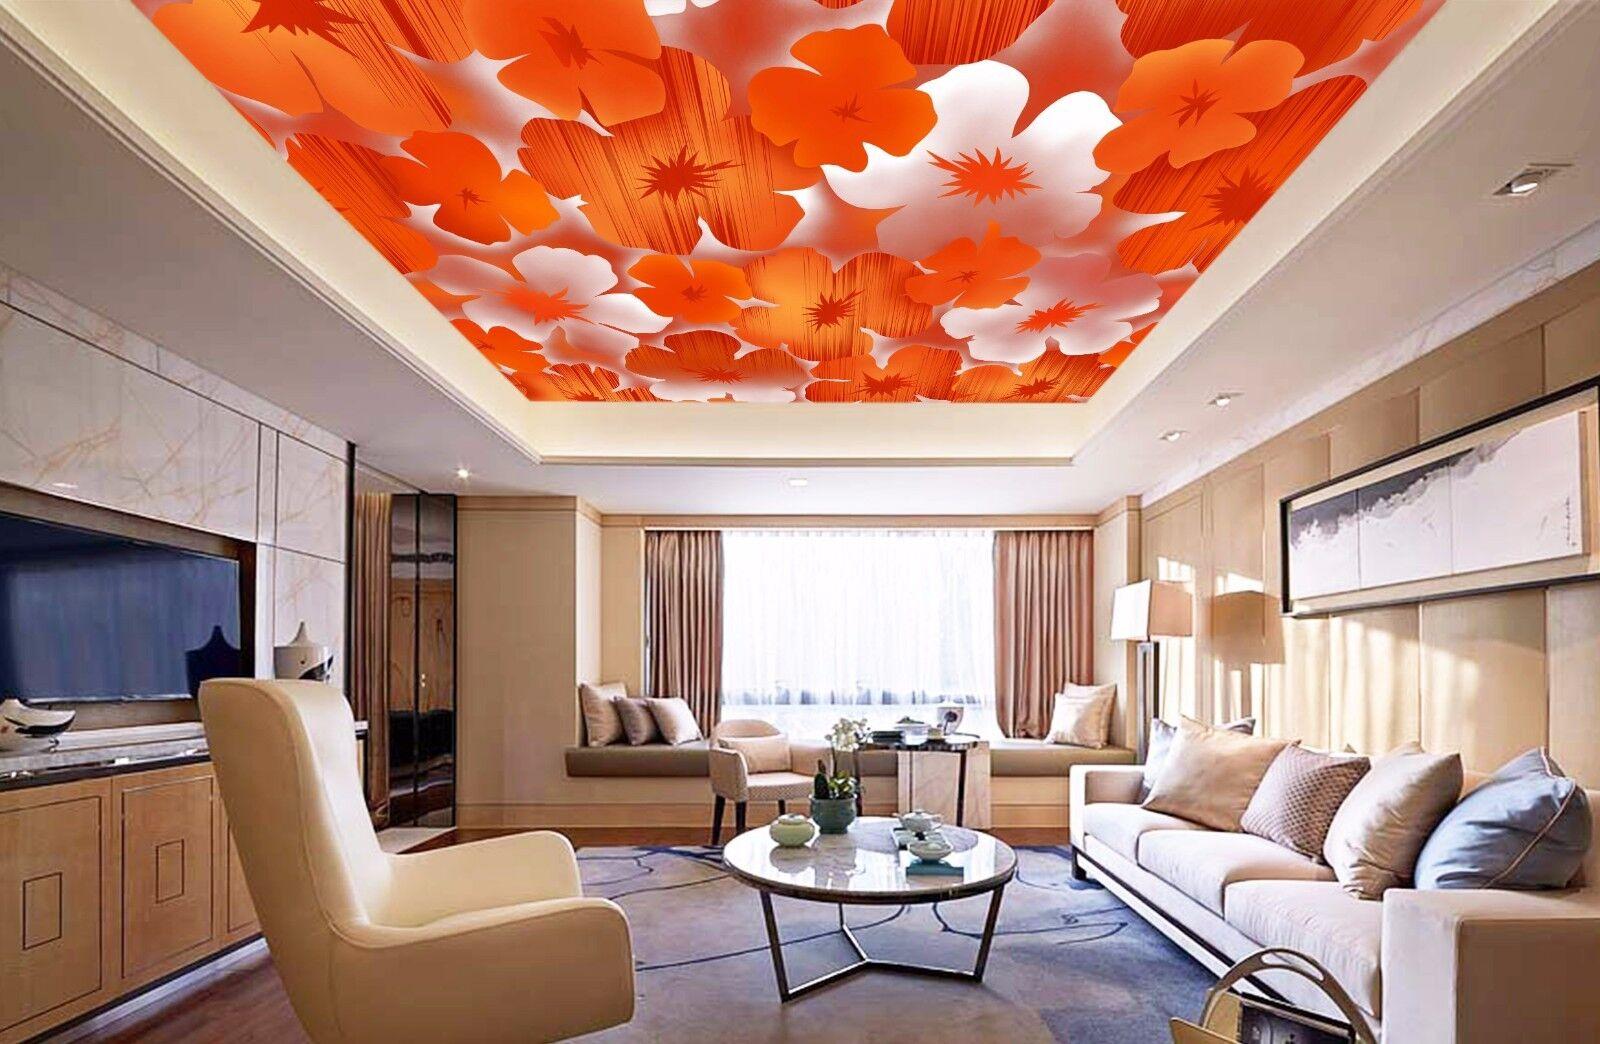 3D Red Petals 754 Ceiling WallPaper Murals Wall Print Decal Deco AJ WALLPAPER